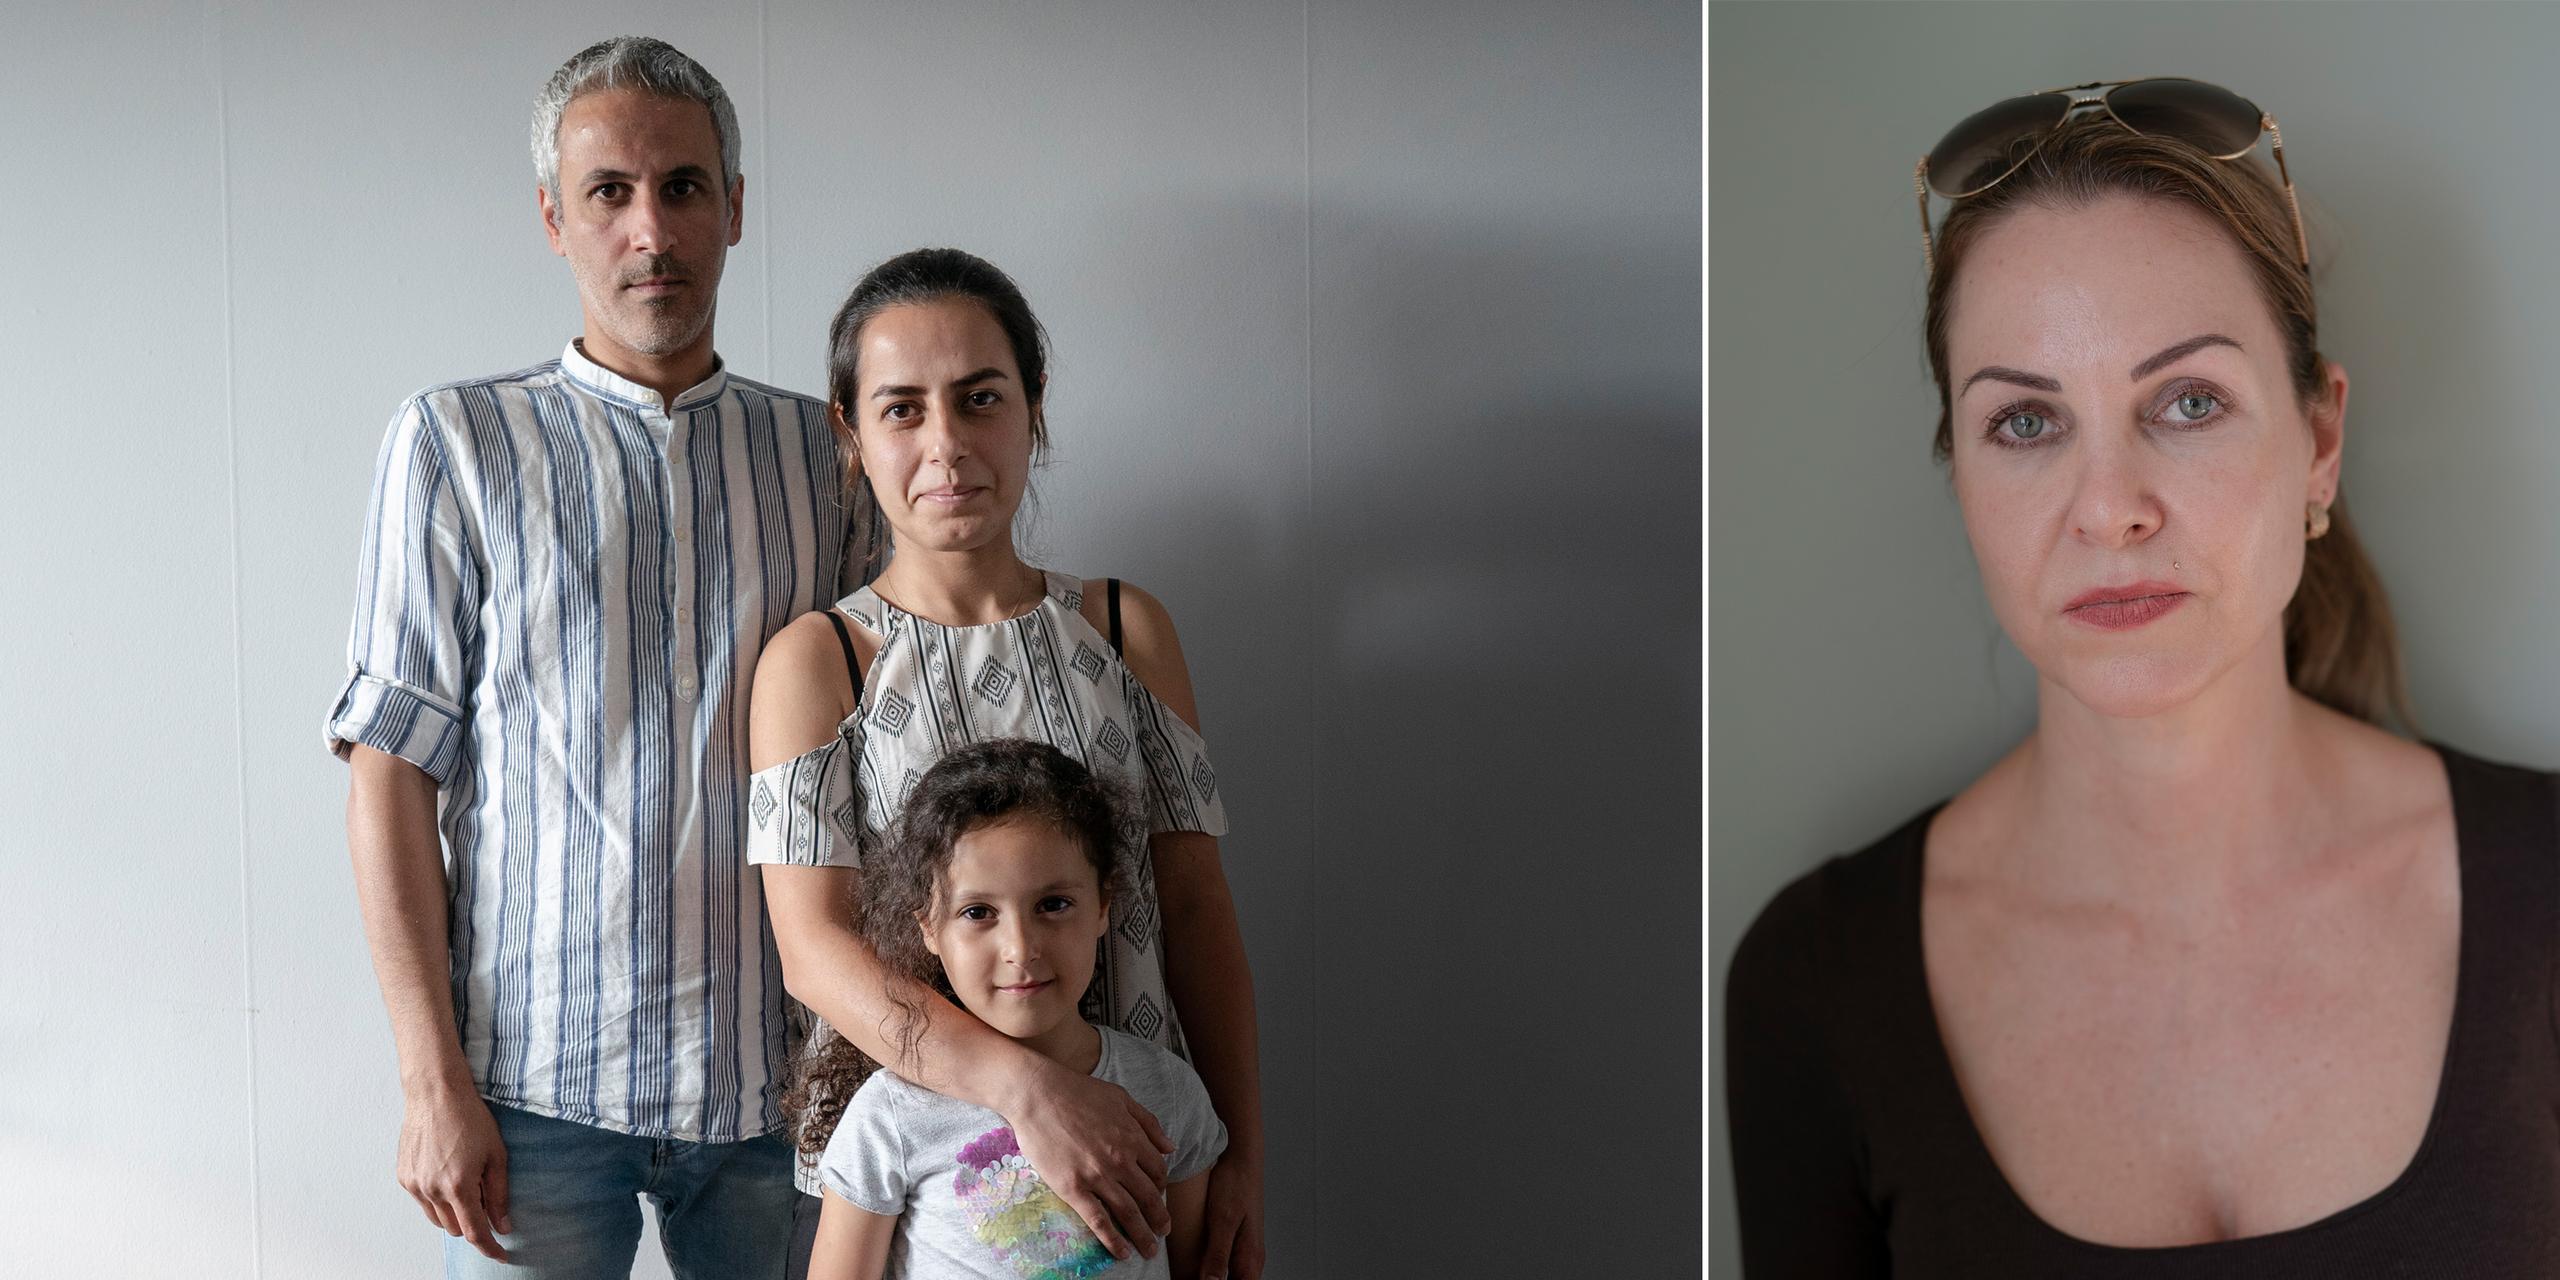 Utvisningshotade familjen ännu kvar i Göteborg